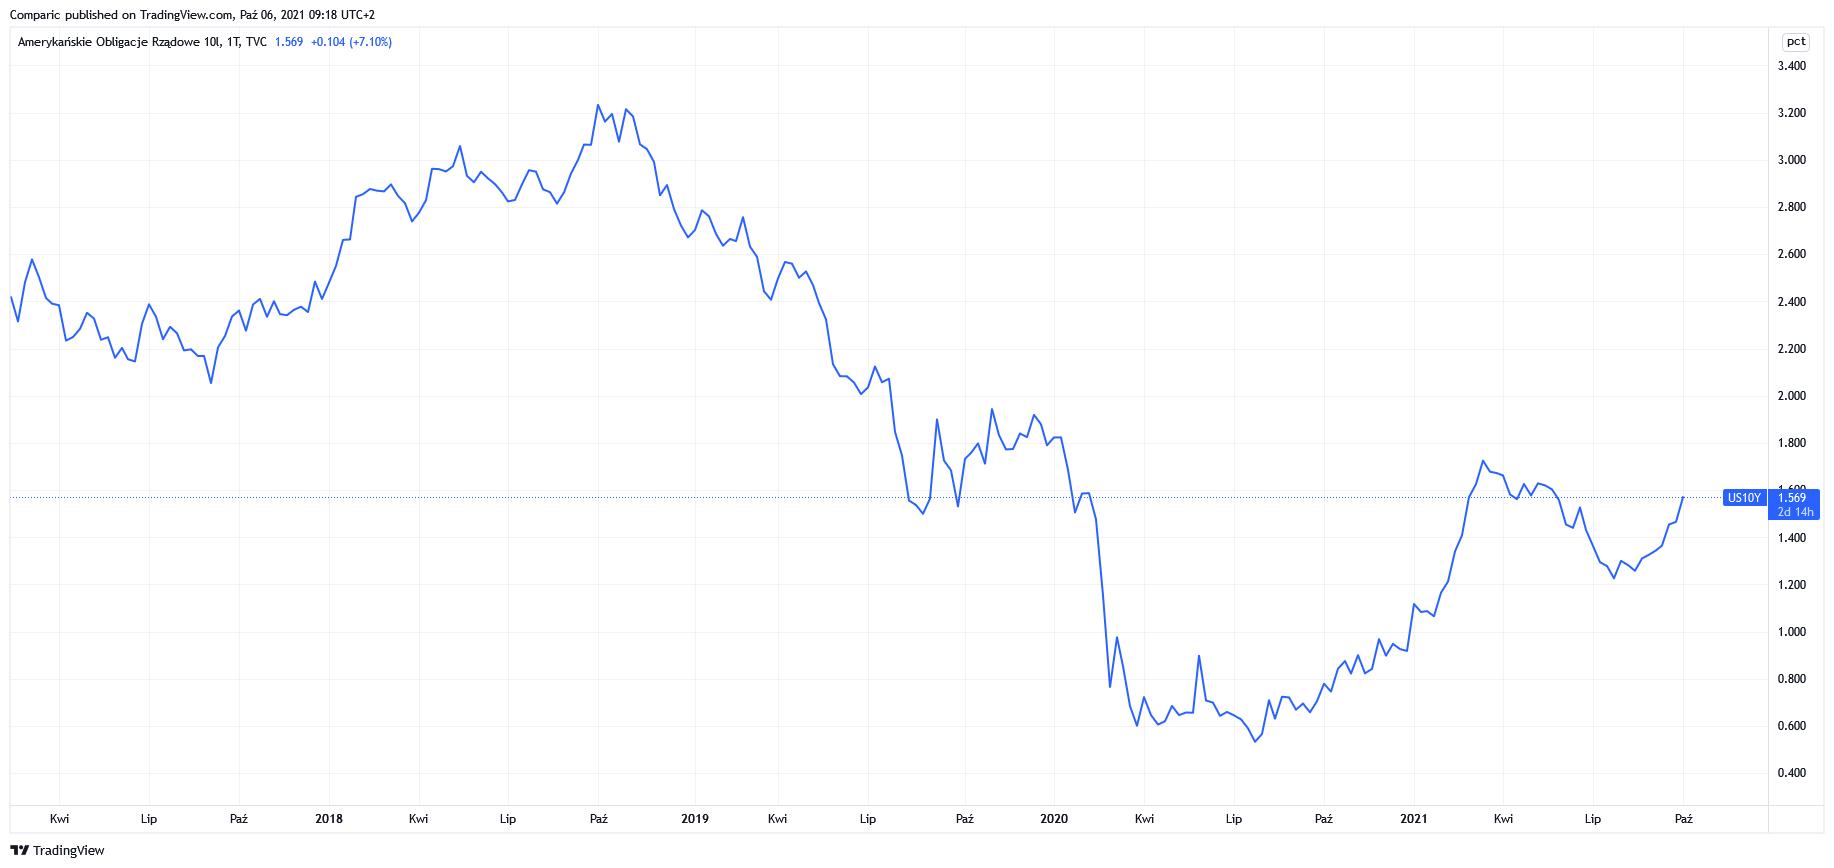 Cena złota pod presją wzrostu rentowności obligacji USA do 4-miesięcznych szczytów